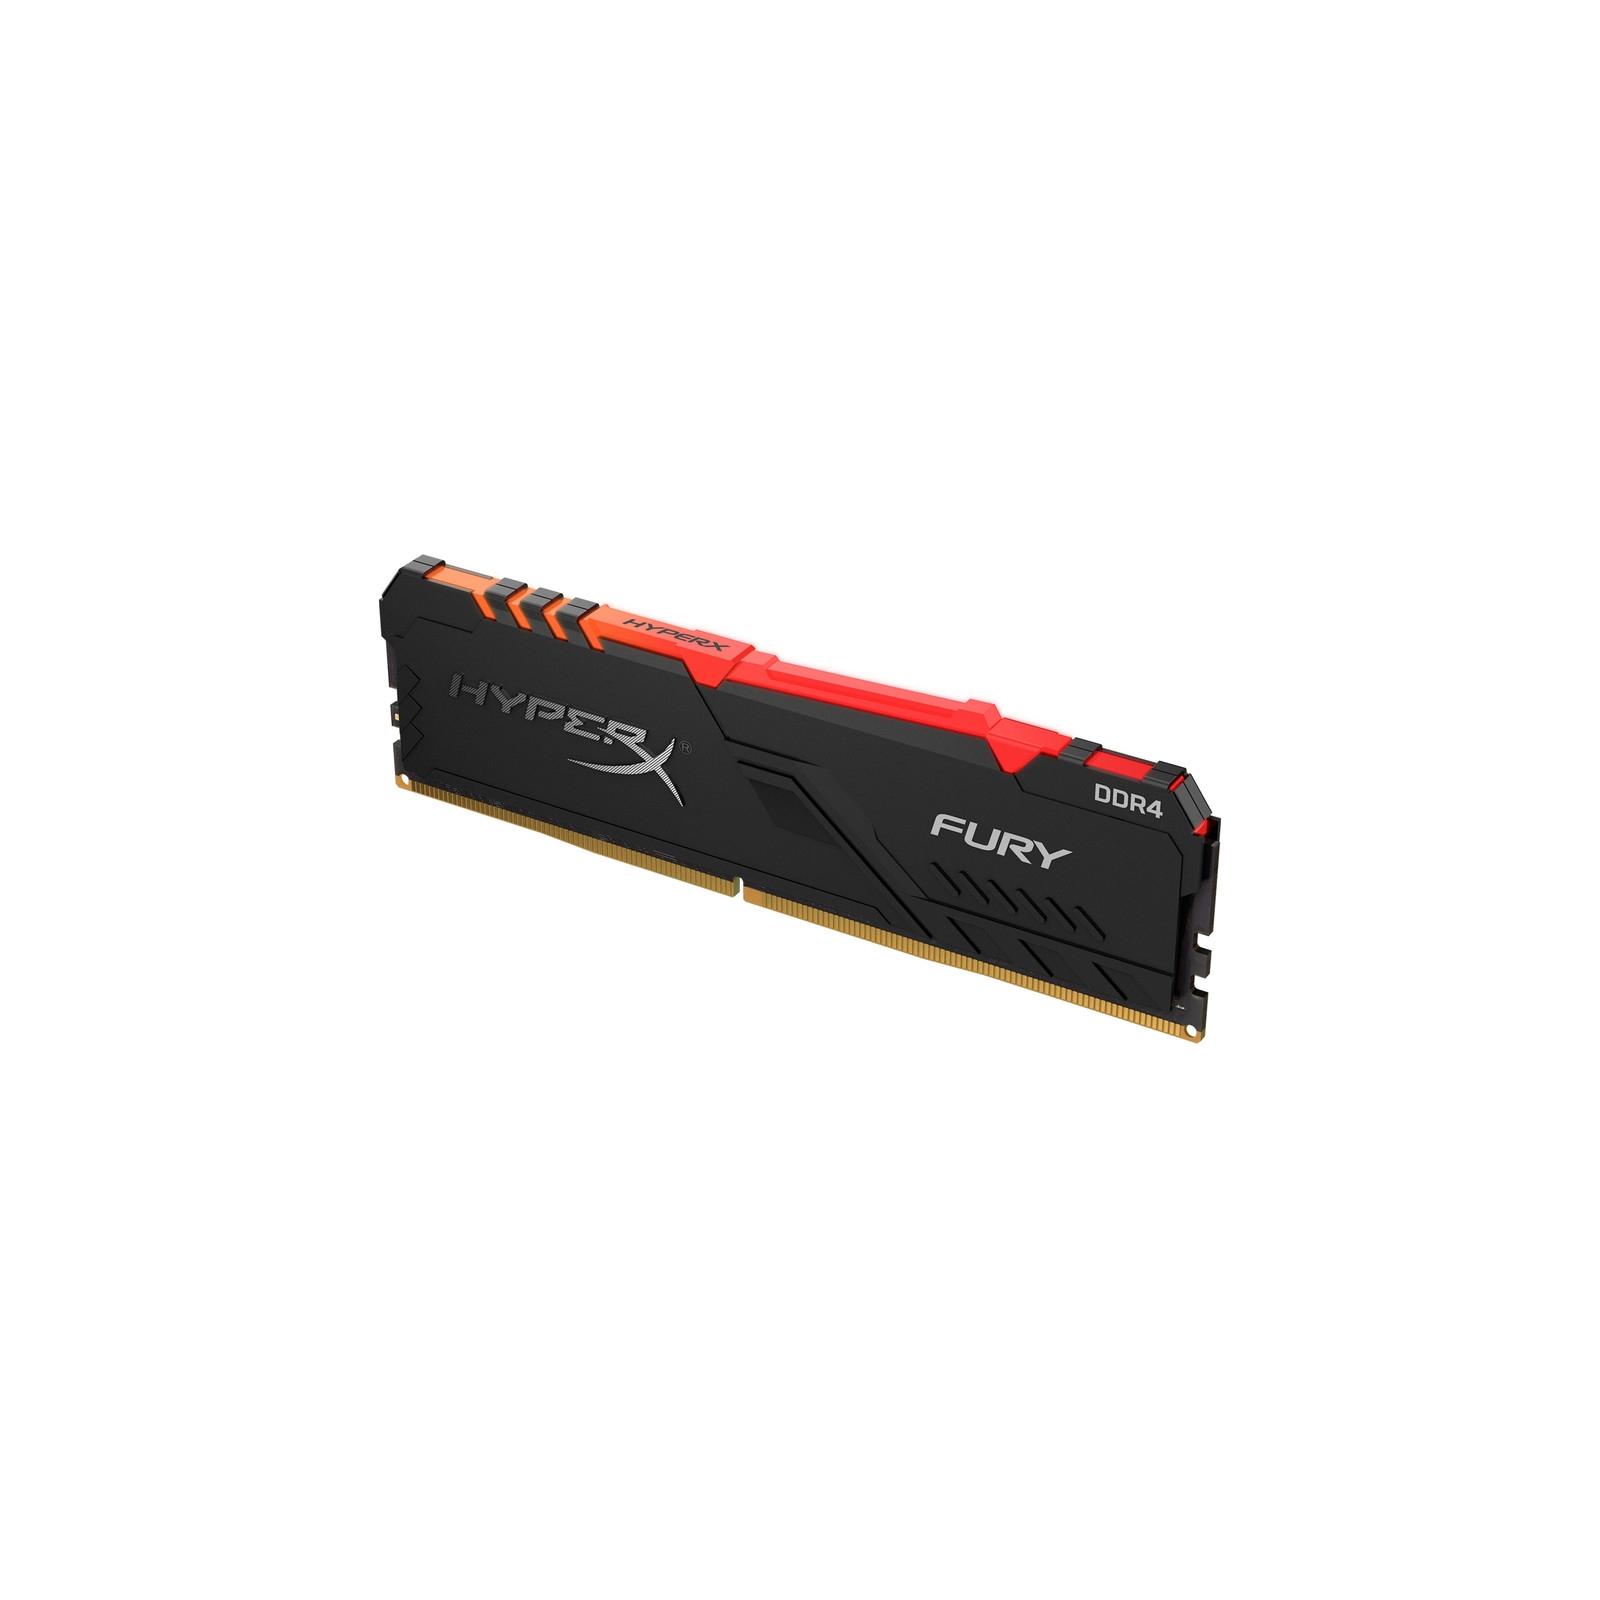 Модуль пам'яті для комп'ютера DDR4 16GB 3466 MHz HyperX FURY RGB Kingston (HX434C16FB3A/16) зображення 3